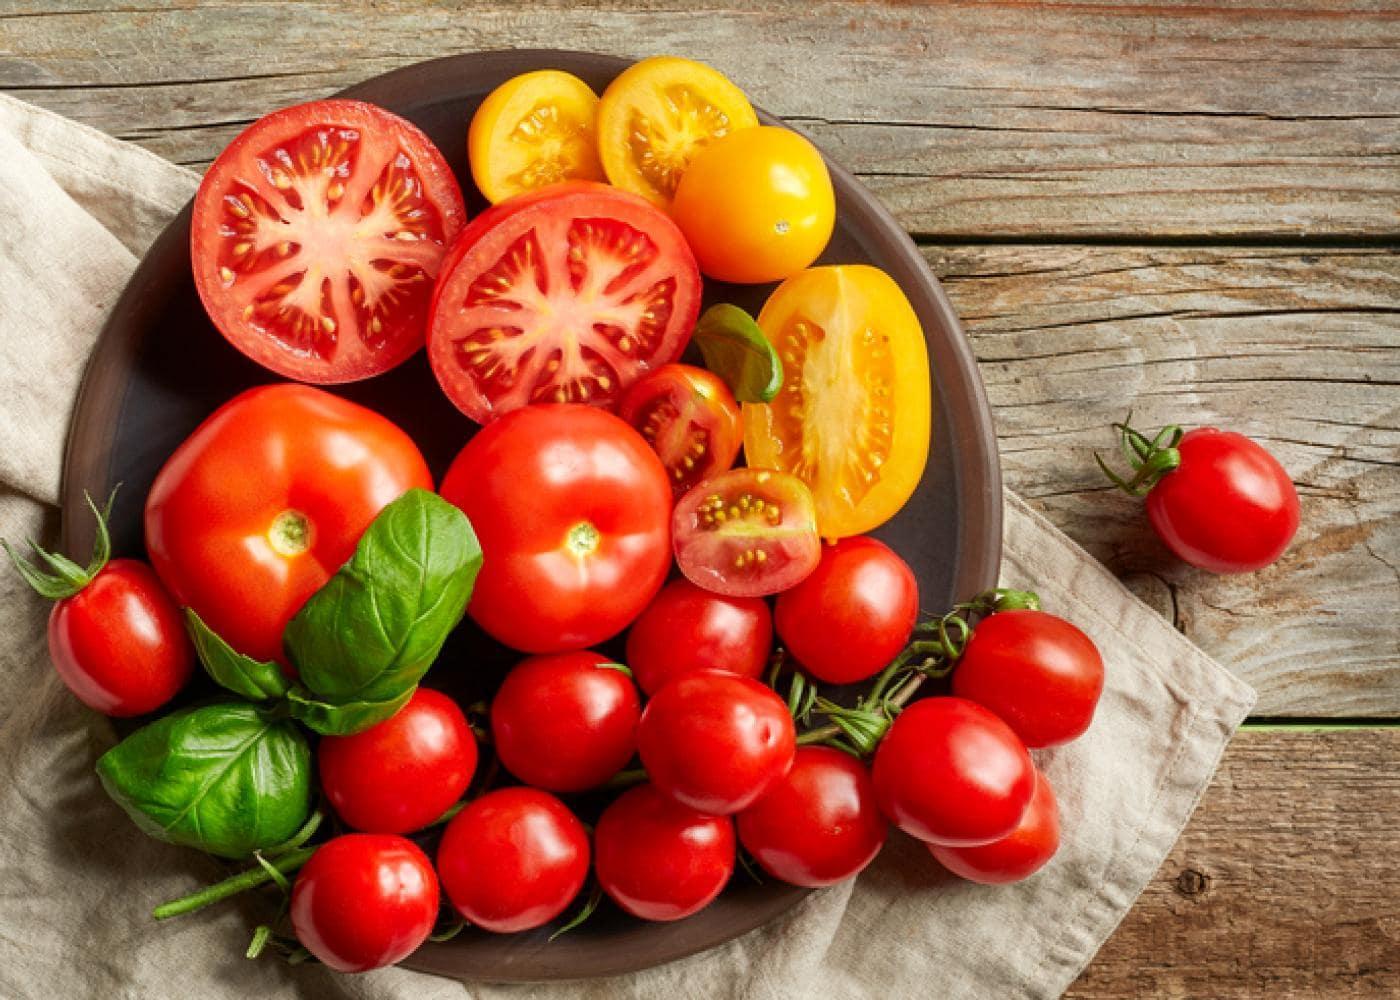 خرید اینترنتی بذر گوجه فرنگی